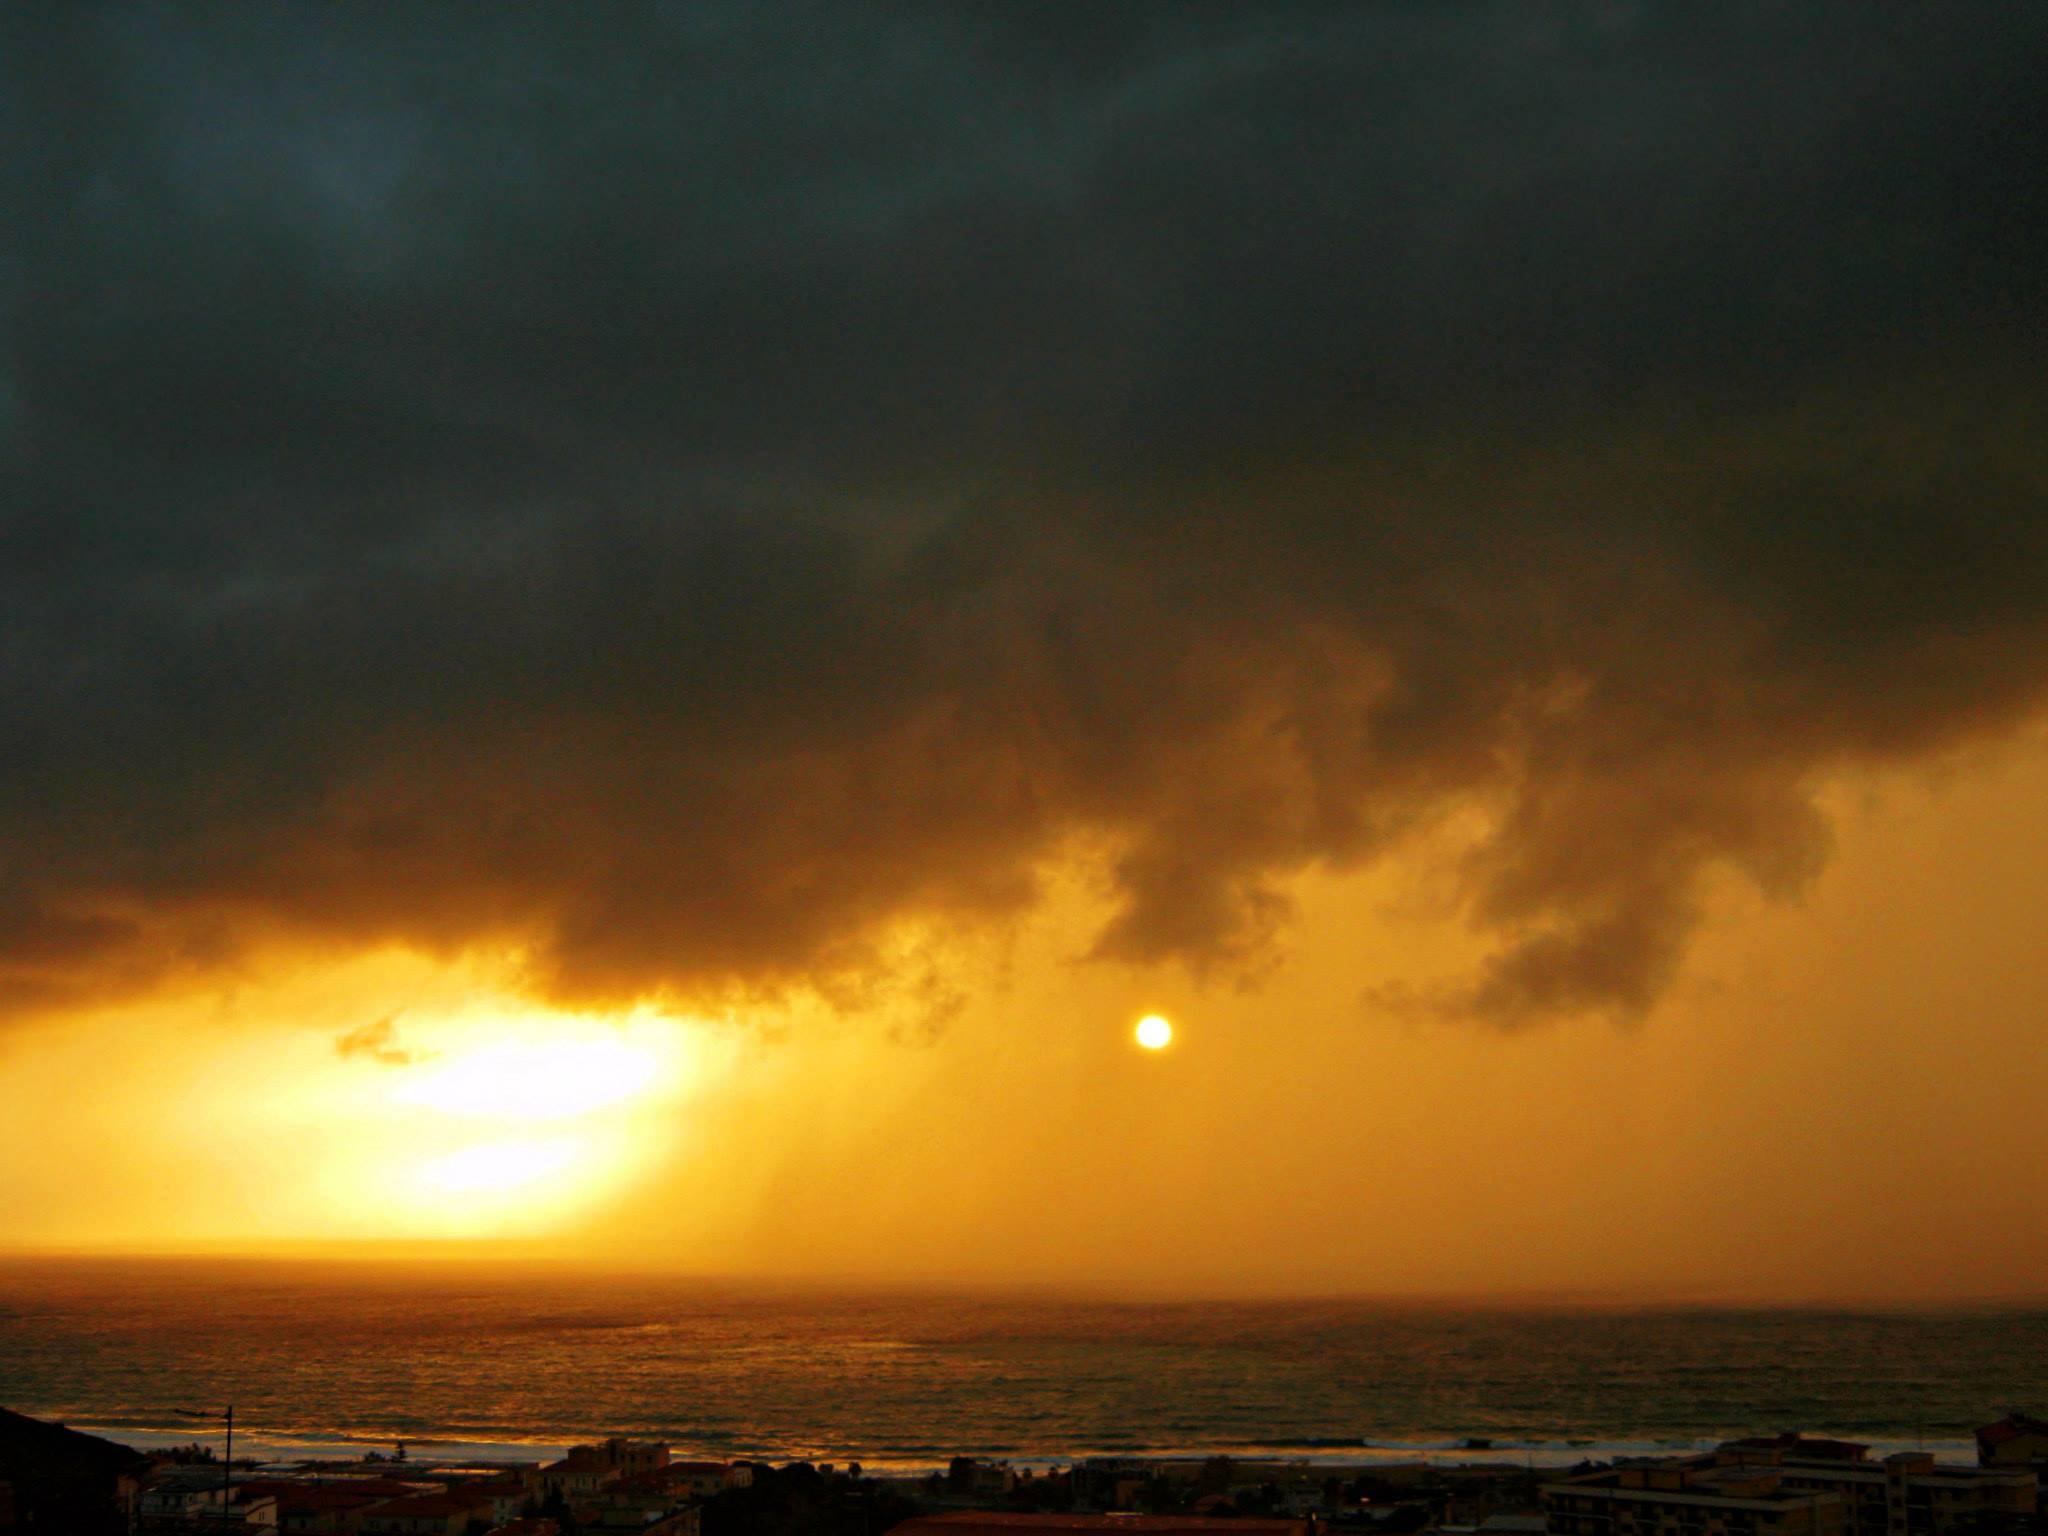 Il meteo del WEEKEND: ultime ore instabili, poi una domenica serena?